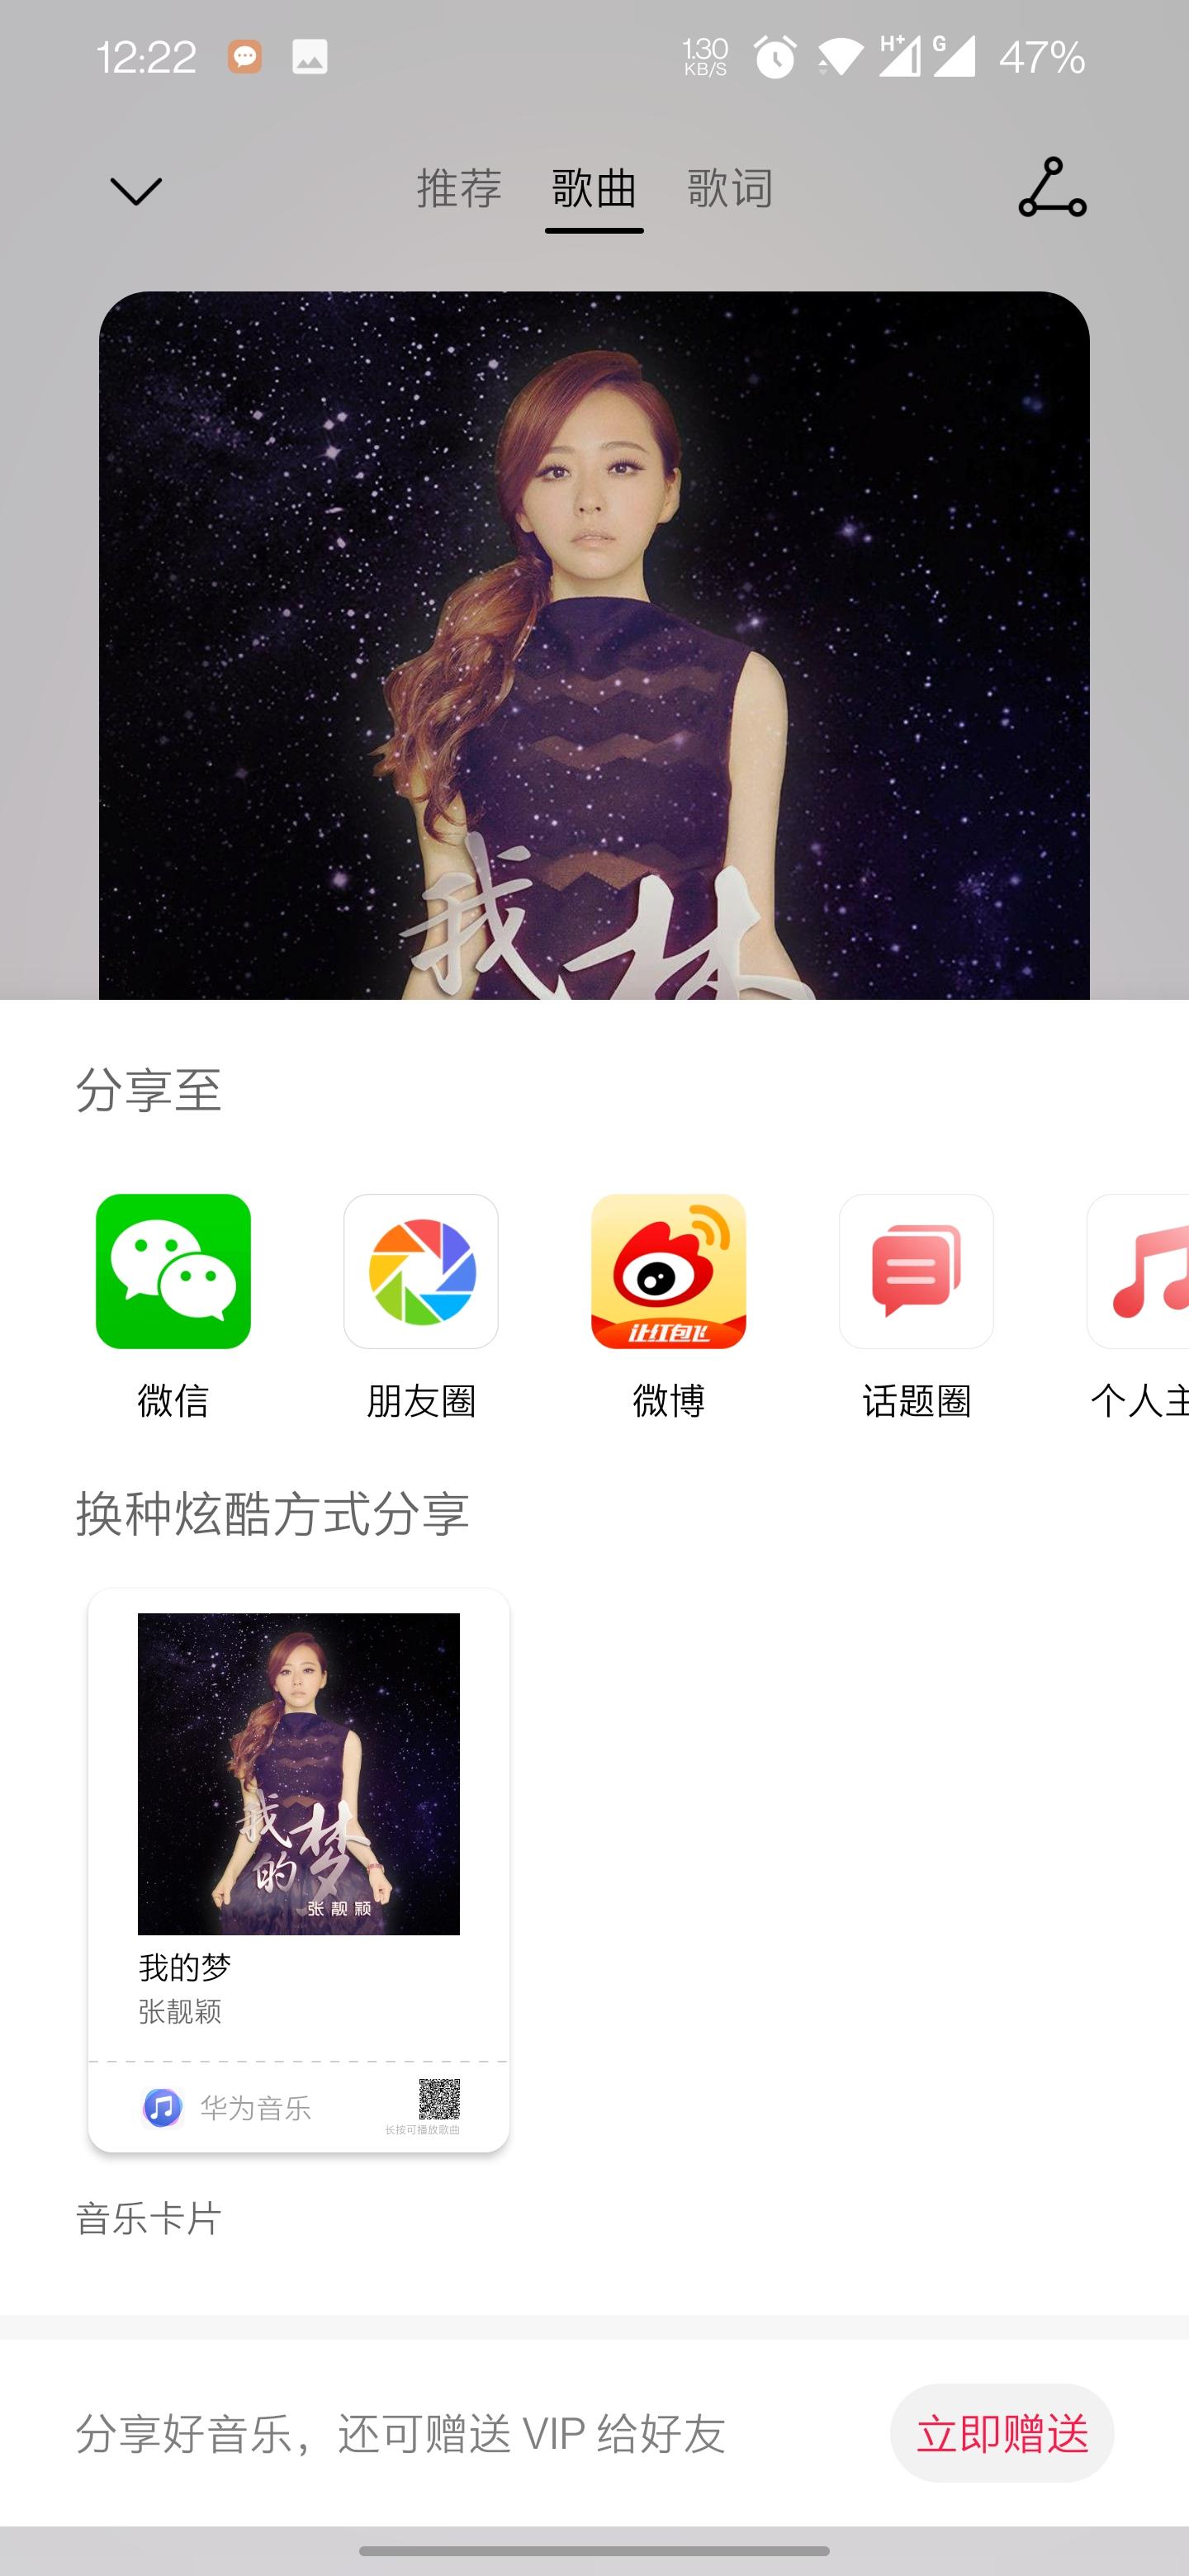 Screenshot_20210328-122246.jpg